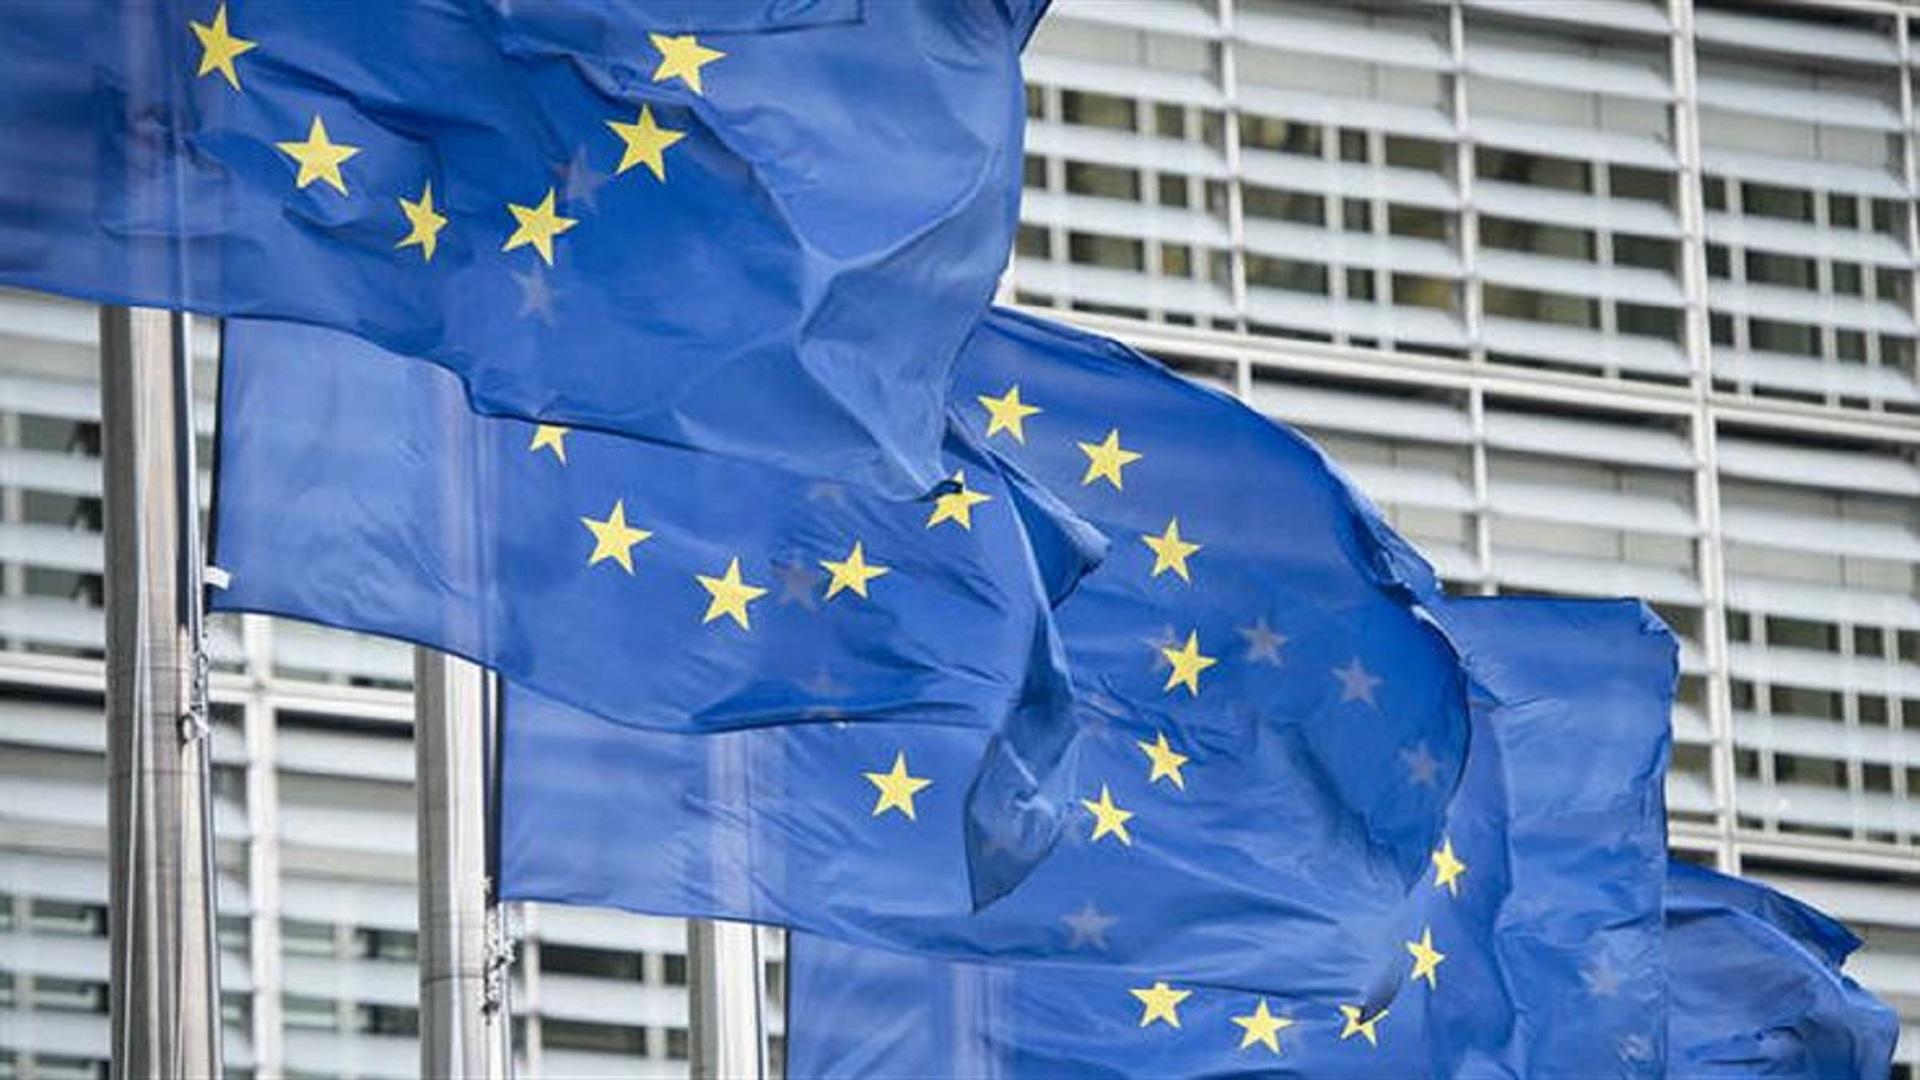 الاتحاد الأوروبي يحذر صربيا وكوسوفو من نقل سفارتيهما إلى القدس